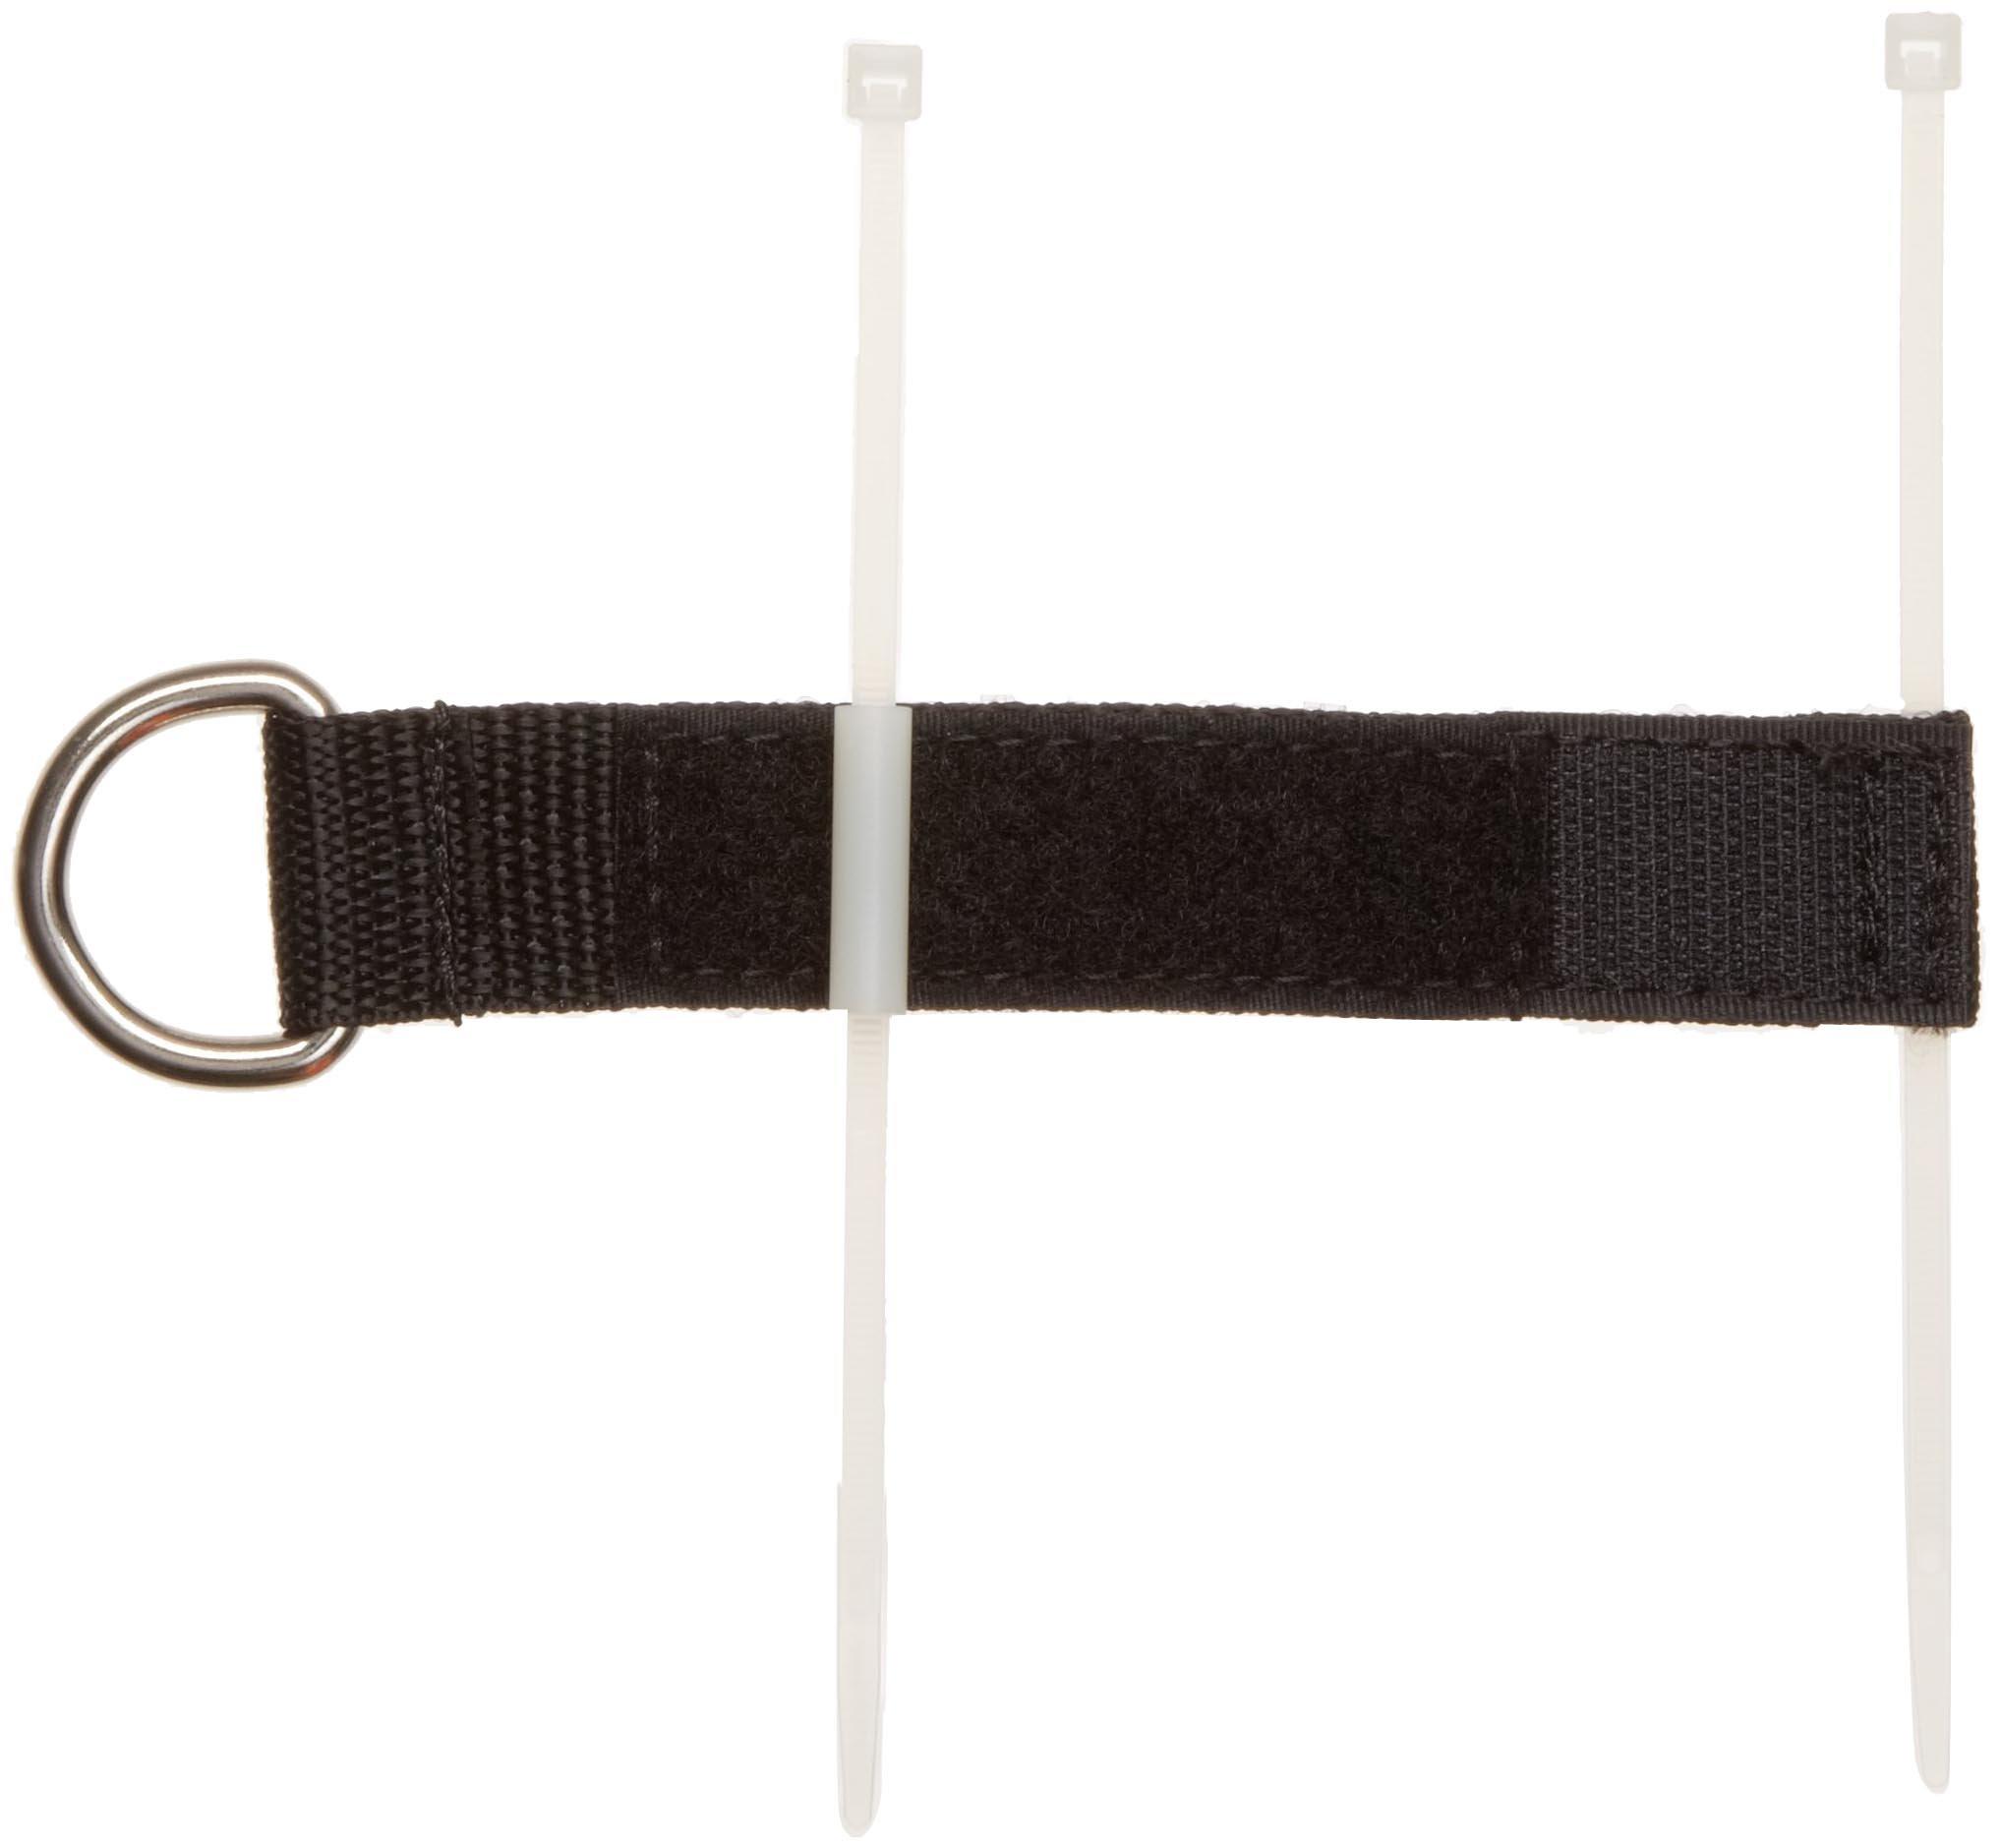 Wear Ease 738170040 Black Color, Shoe Fastener Kit (Bag of 4)